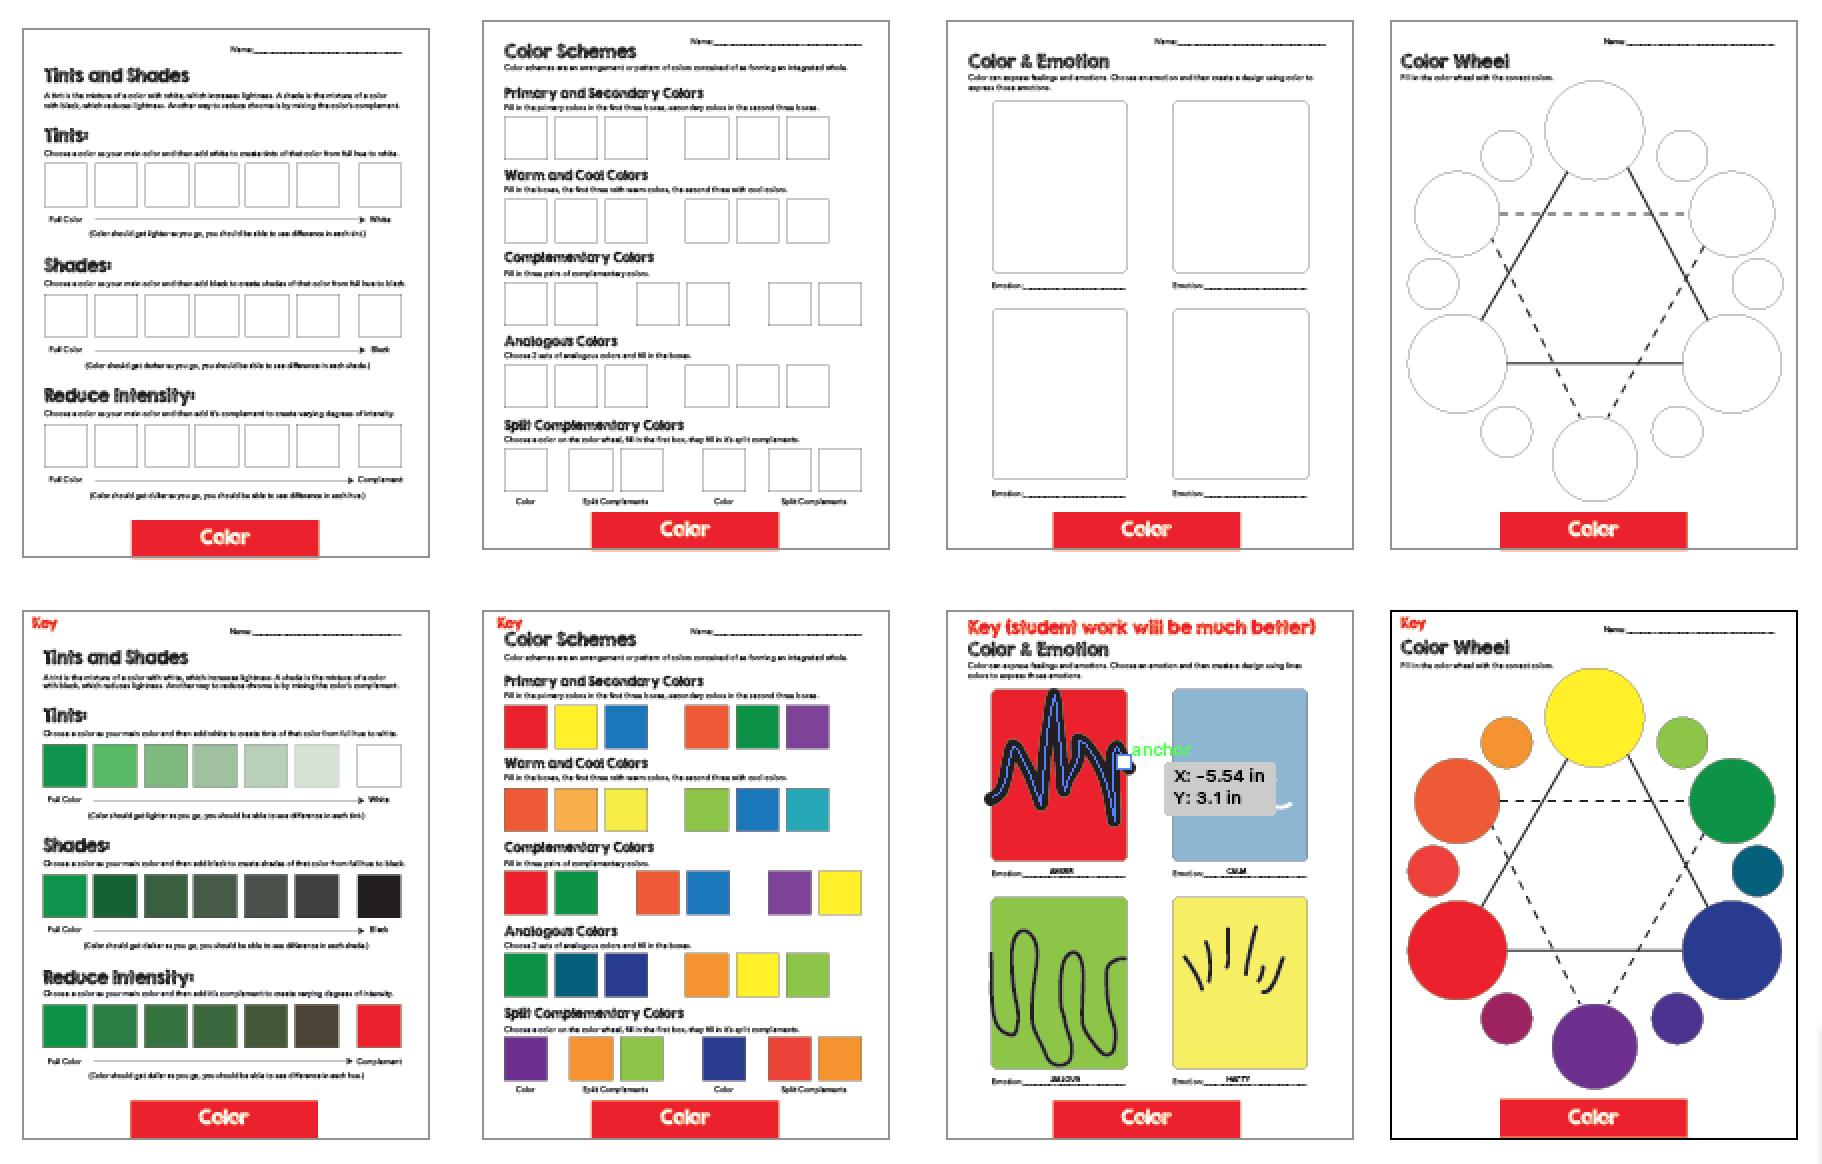 Element Of Color Art Mini Lessons Color Scheme Worksheets Color Theory Worksheet Color Scheme Worksheet Elements Of Color [ 1164 x 1822 Pixel ]